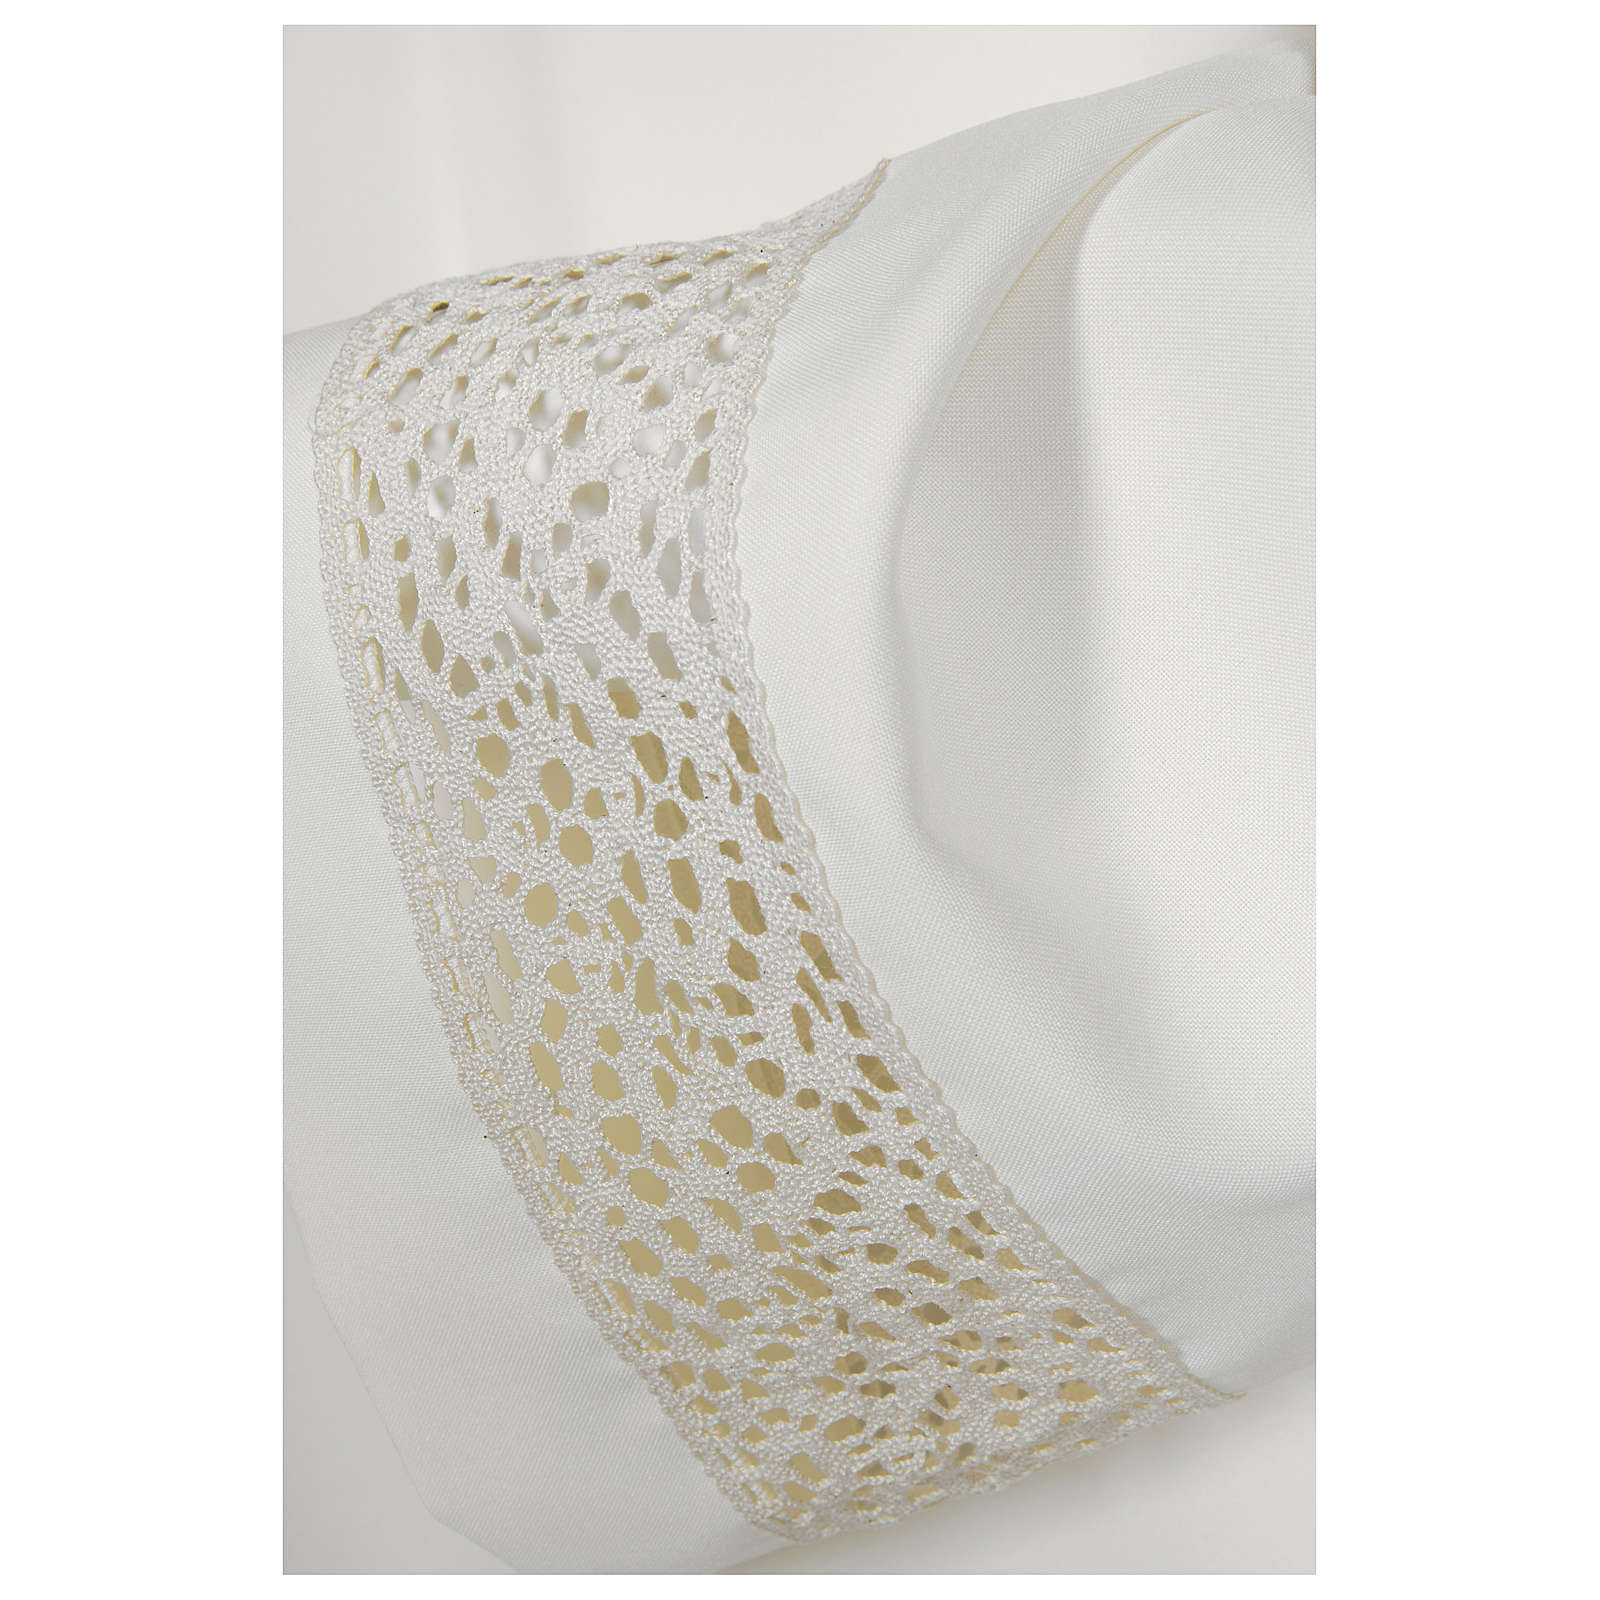 Camice bianco 65% poliestere 35% cotone tramezzo merletto dorato cerniera davanti 4